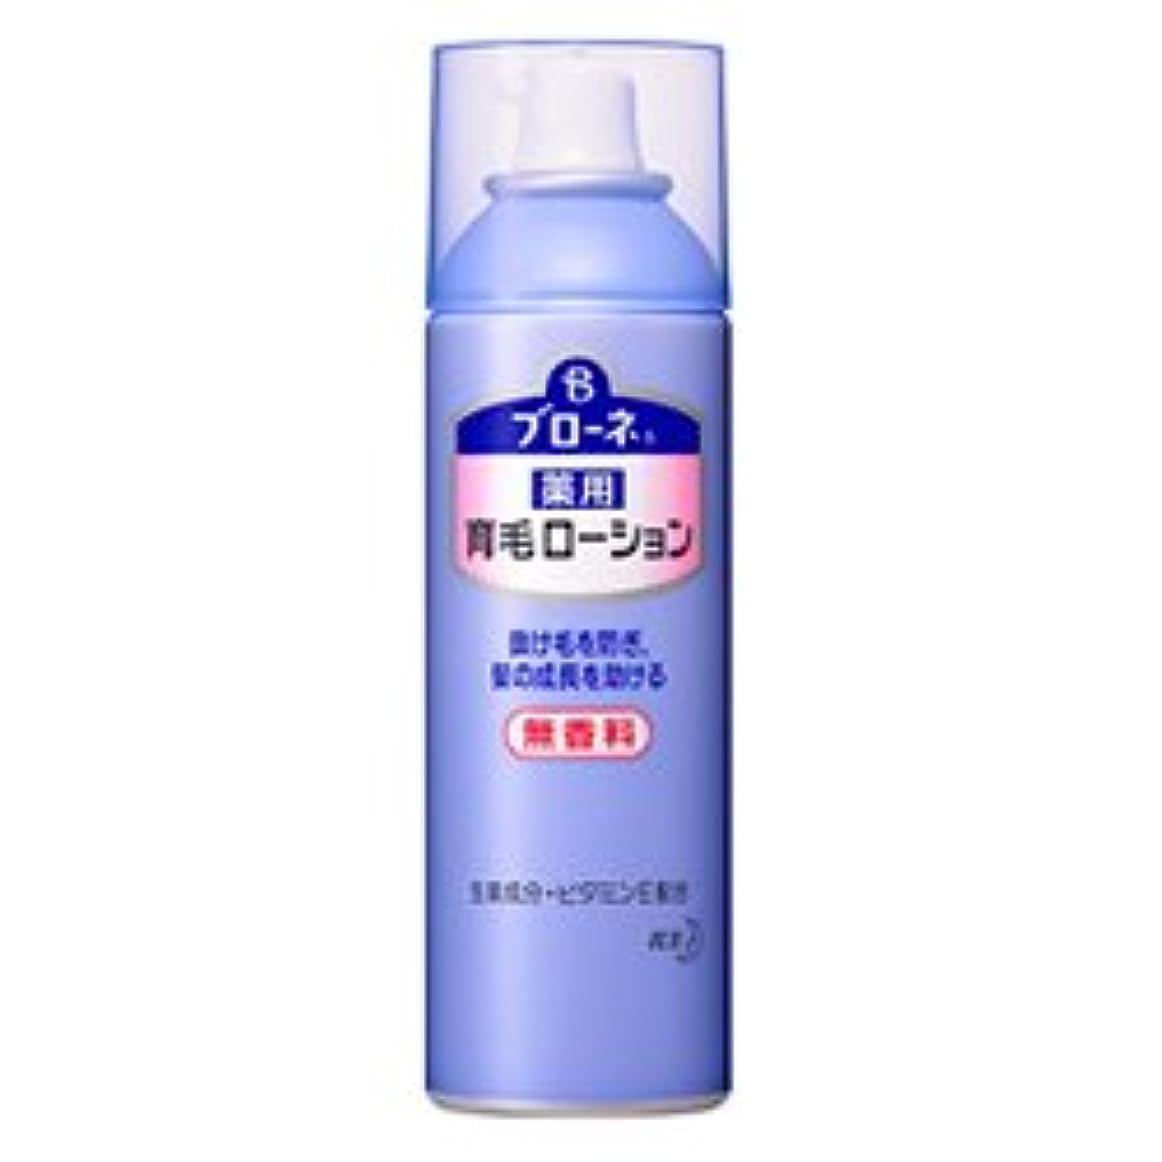 【花王】ブローネ 薬用育毛ローション 無香料 (180g) ×10個セット